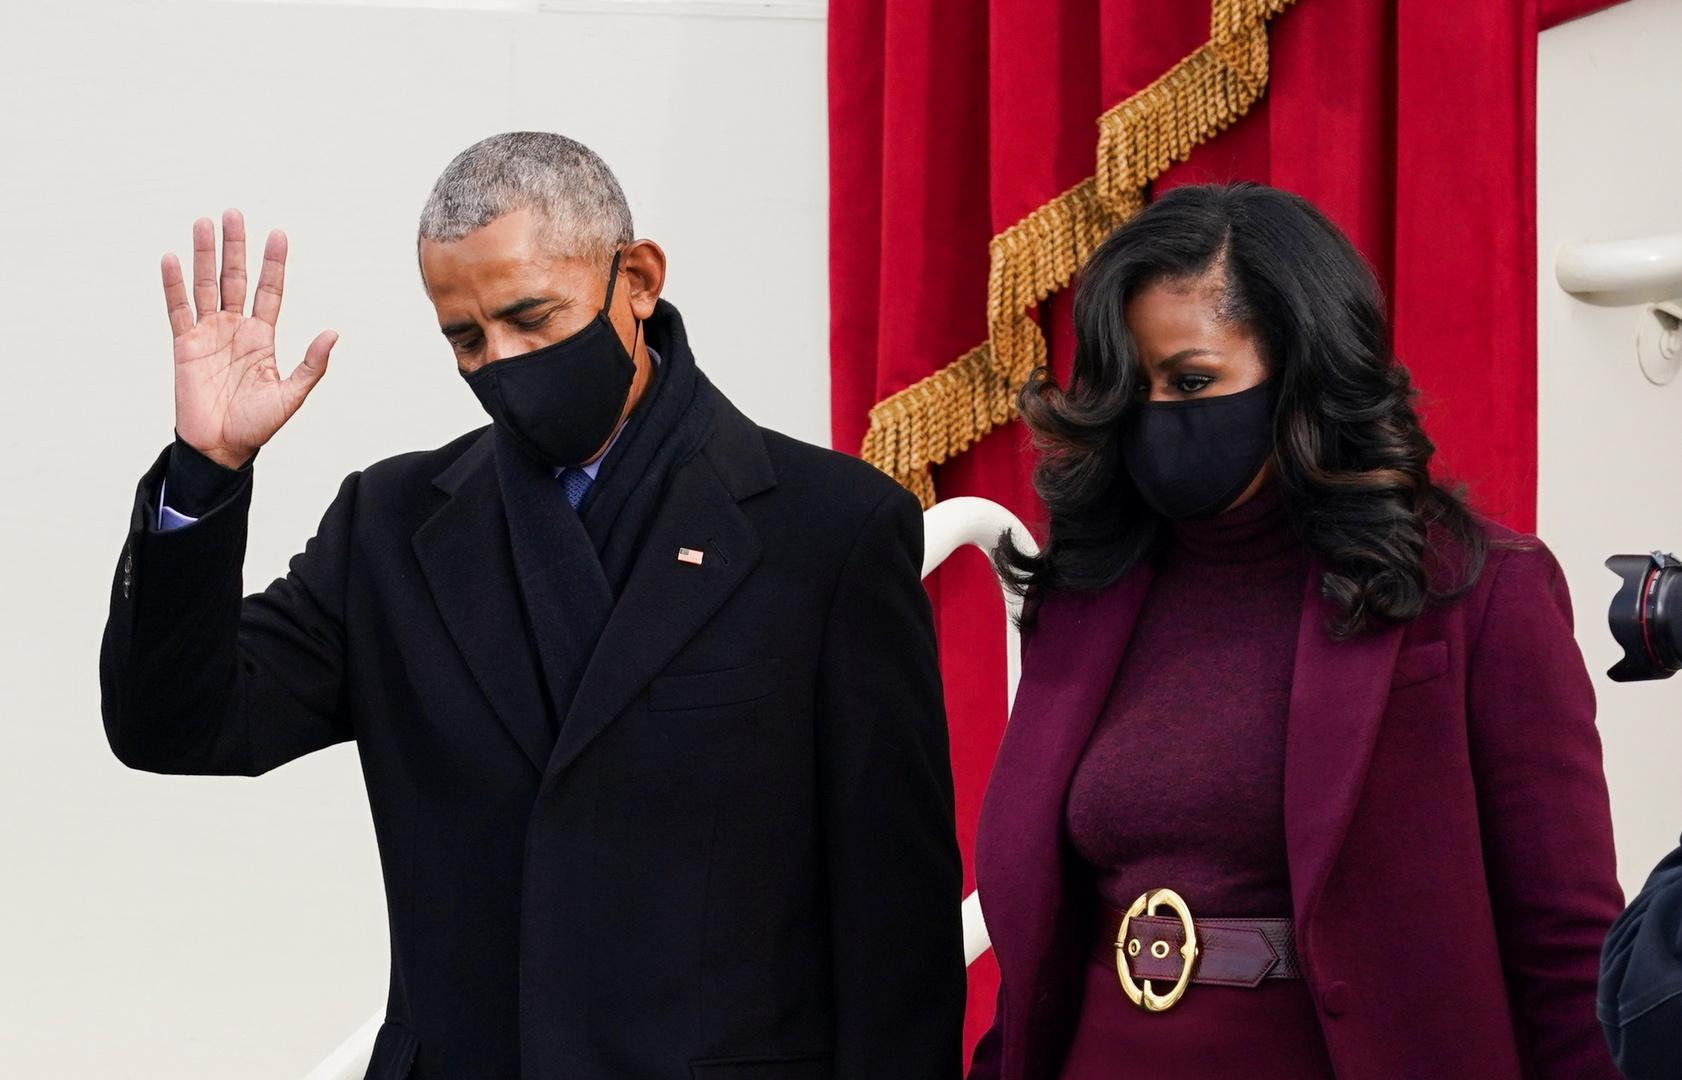 متحف الحقوق المدنية الأمريكي يمنح وسام الحرية لميشيل أوباما وحملة الفقراء